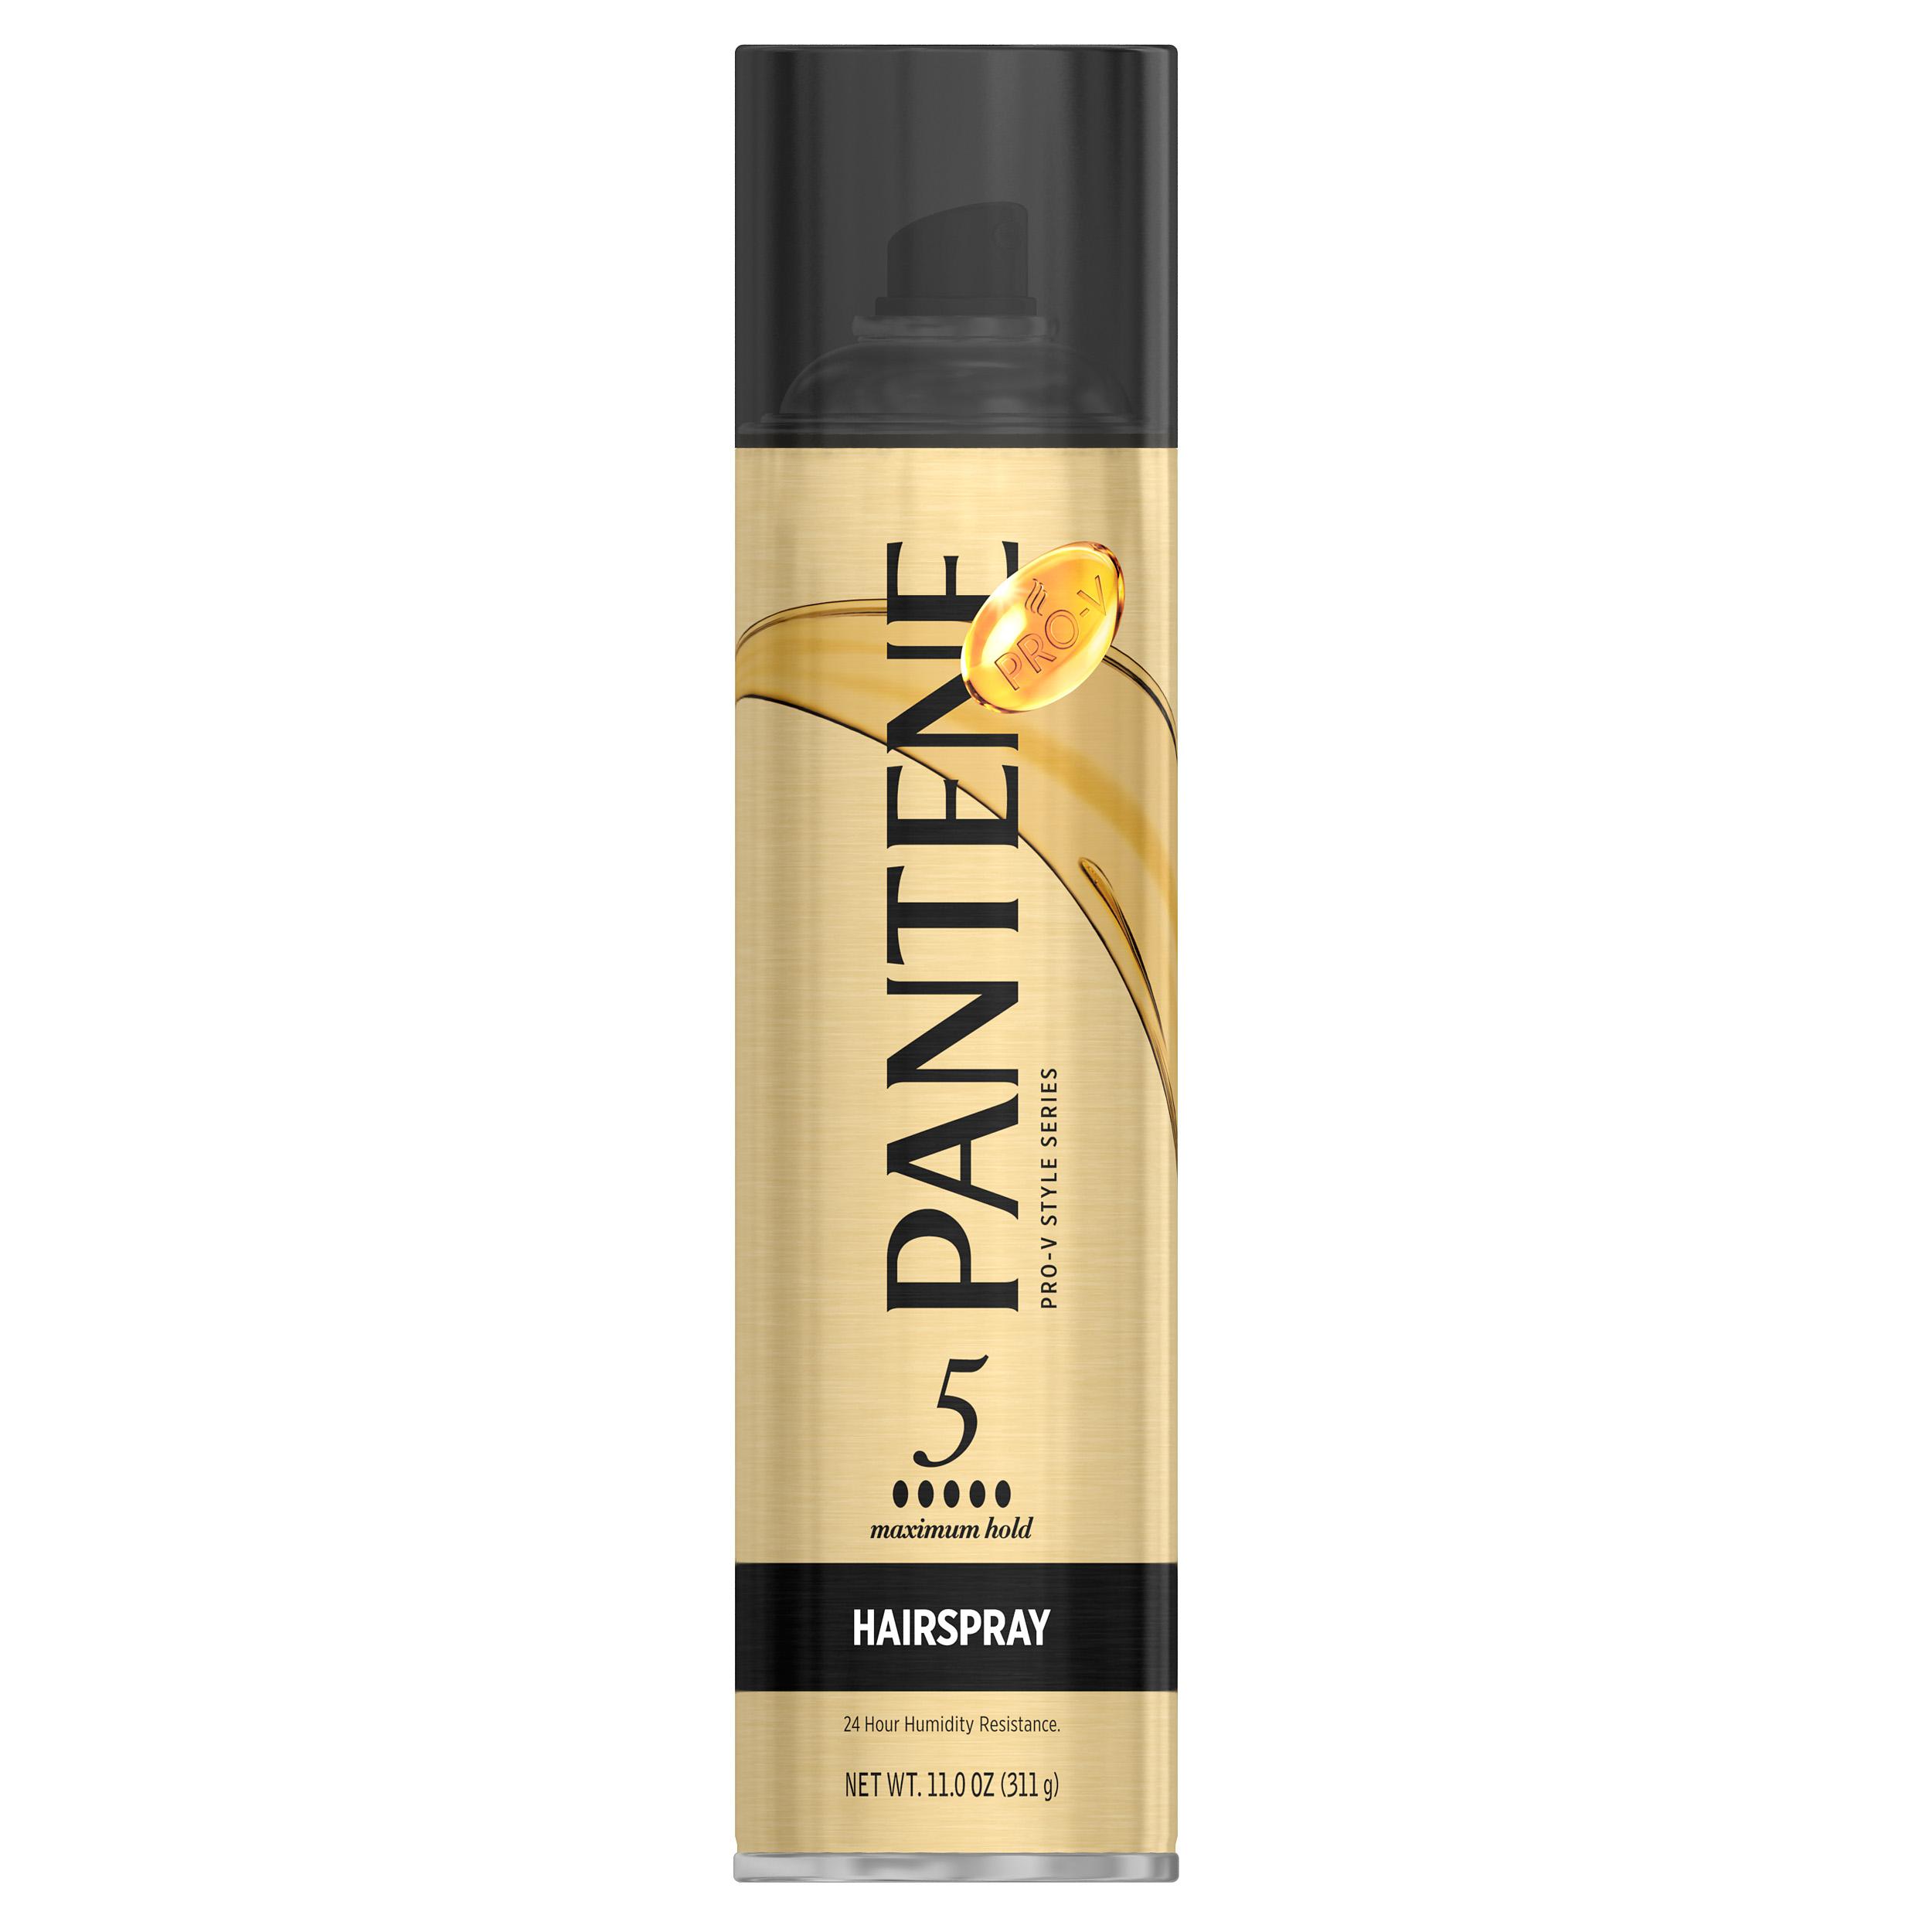 Pantene Level 5 Hairspray